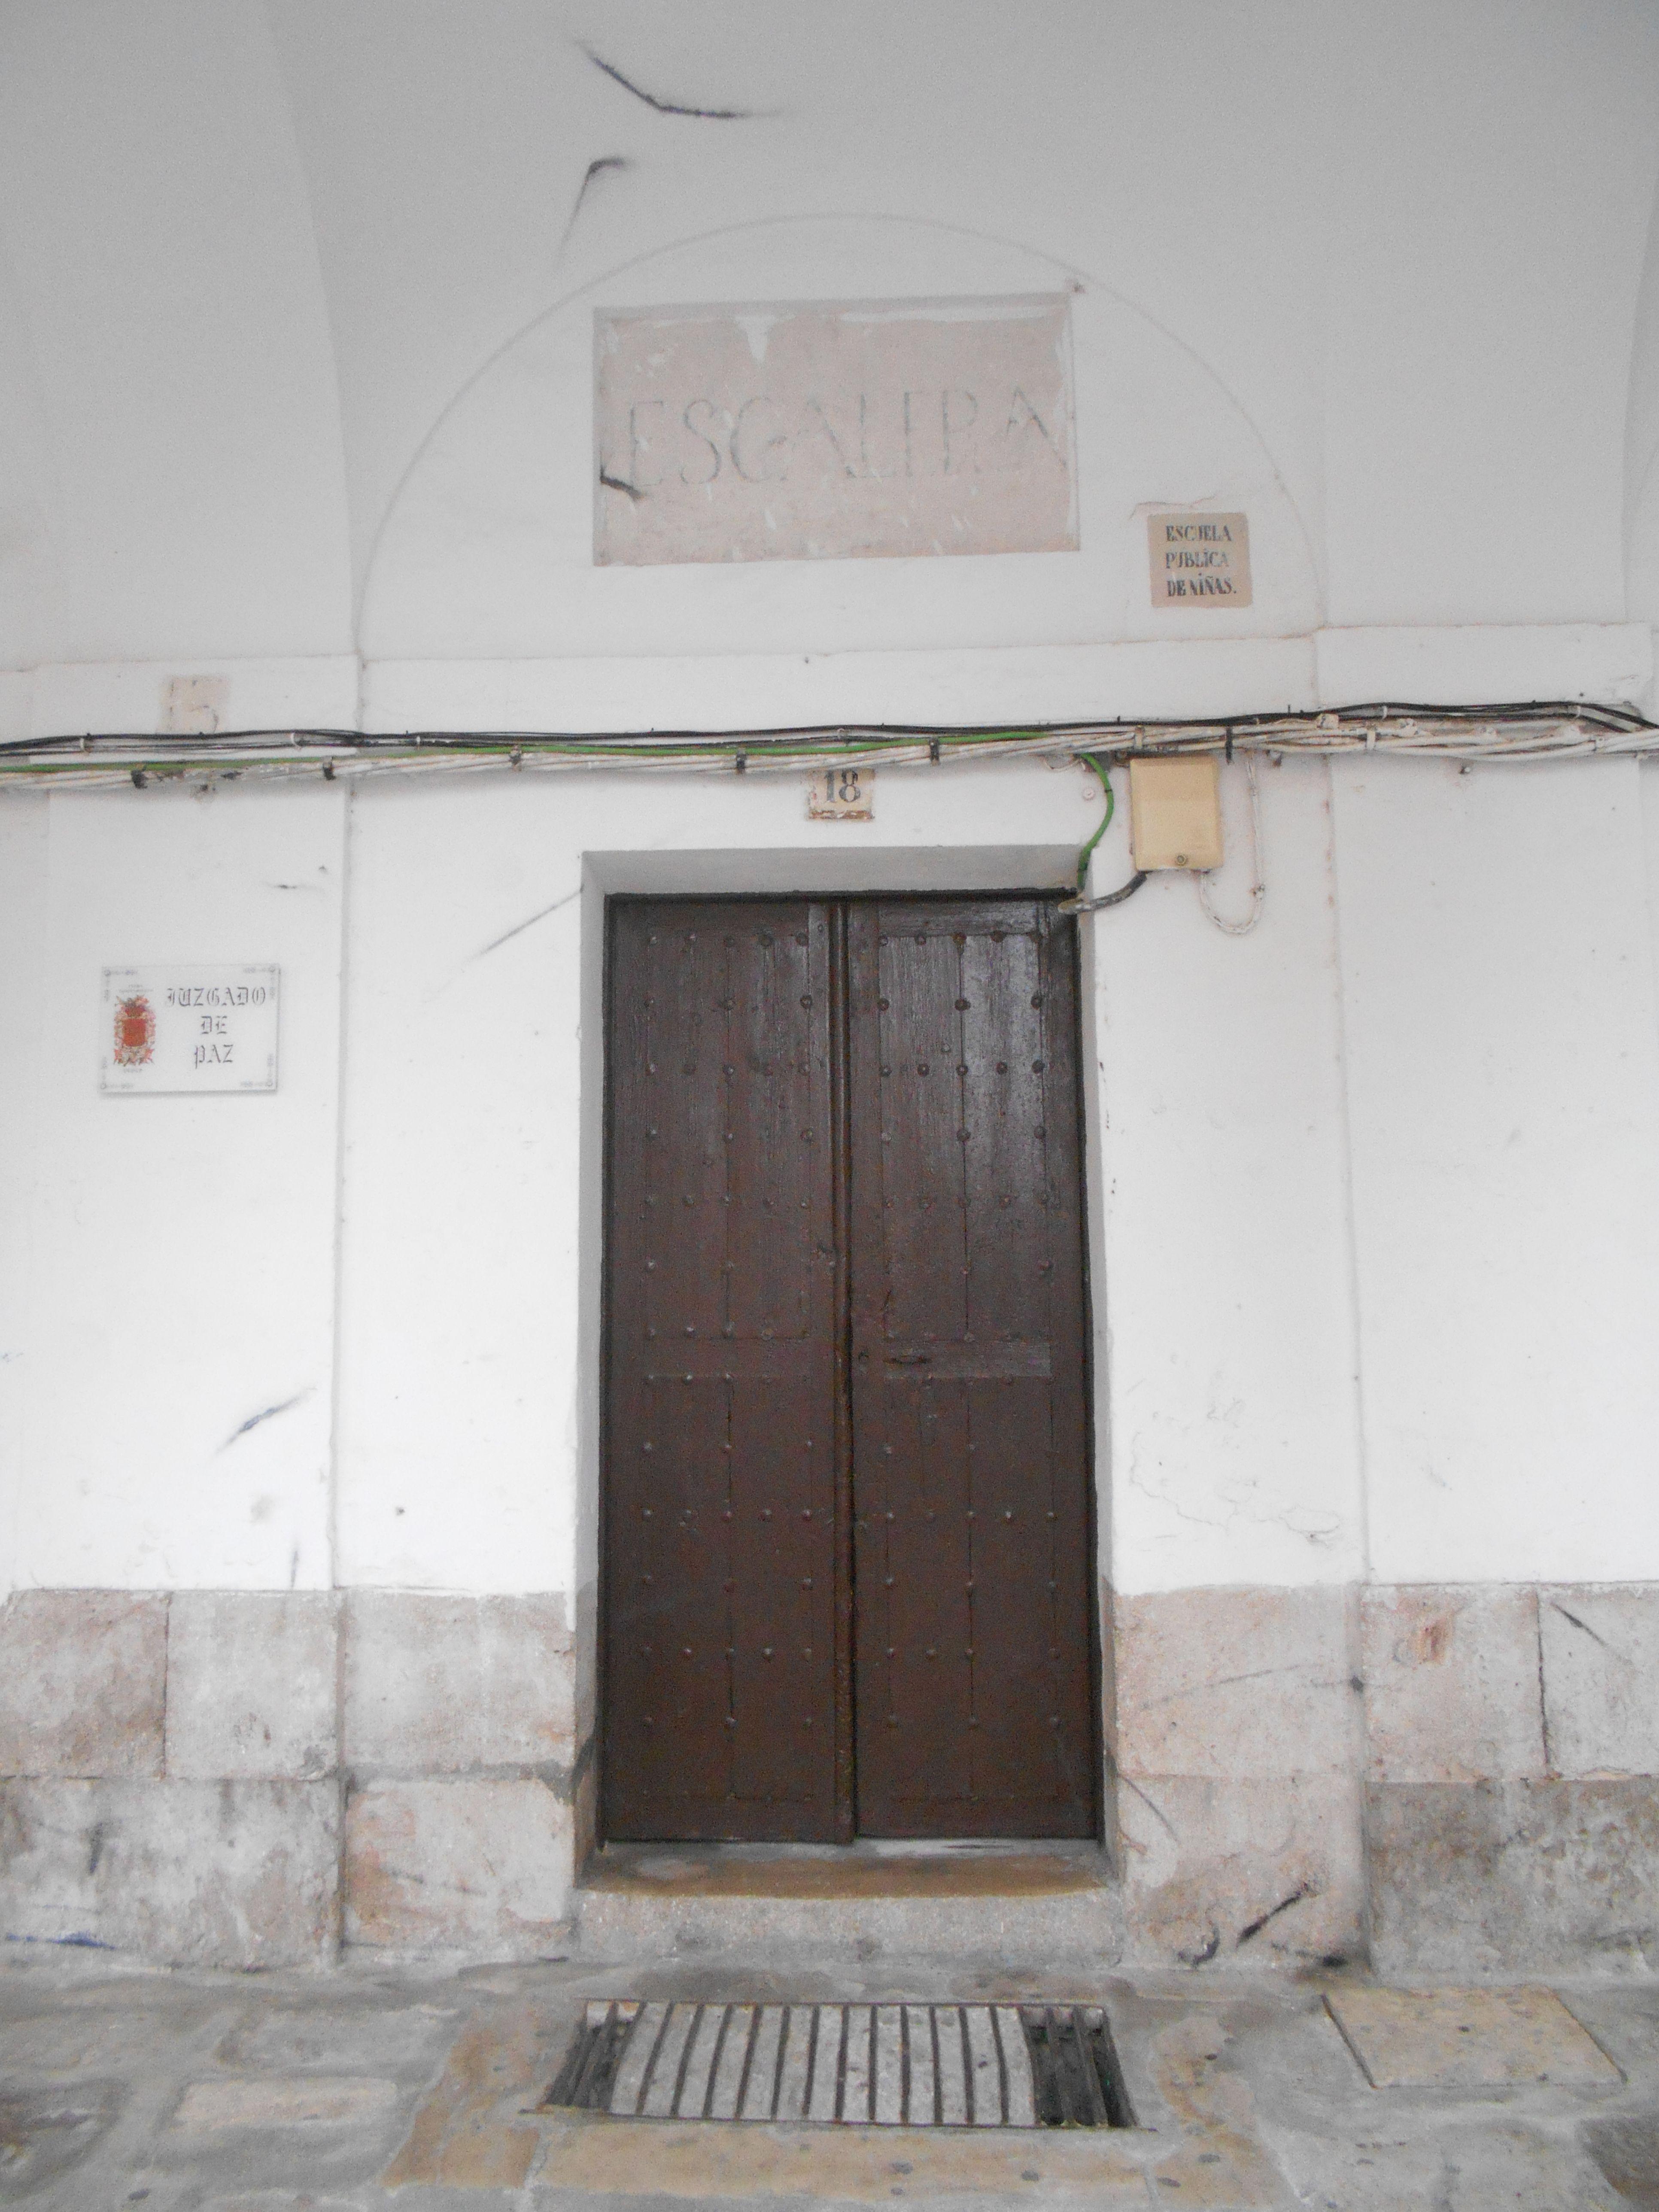 Escuela en el antiguo palacio arzobispal, hoy Casa de las Buhardillas